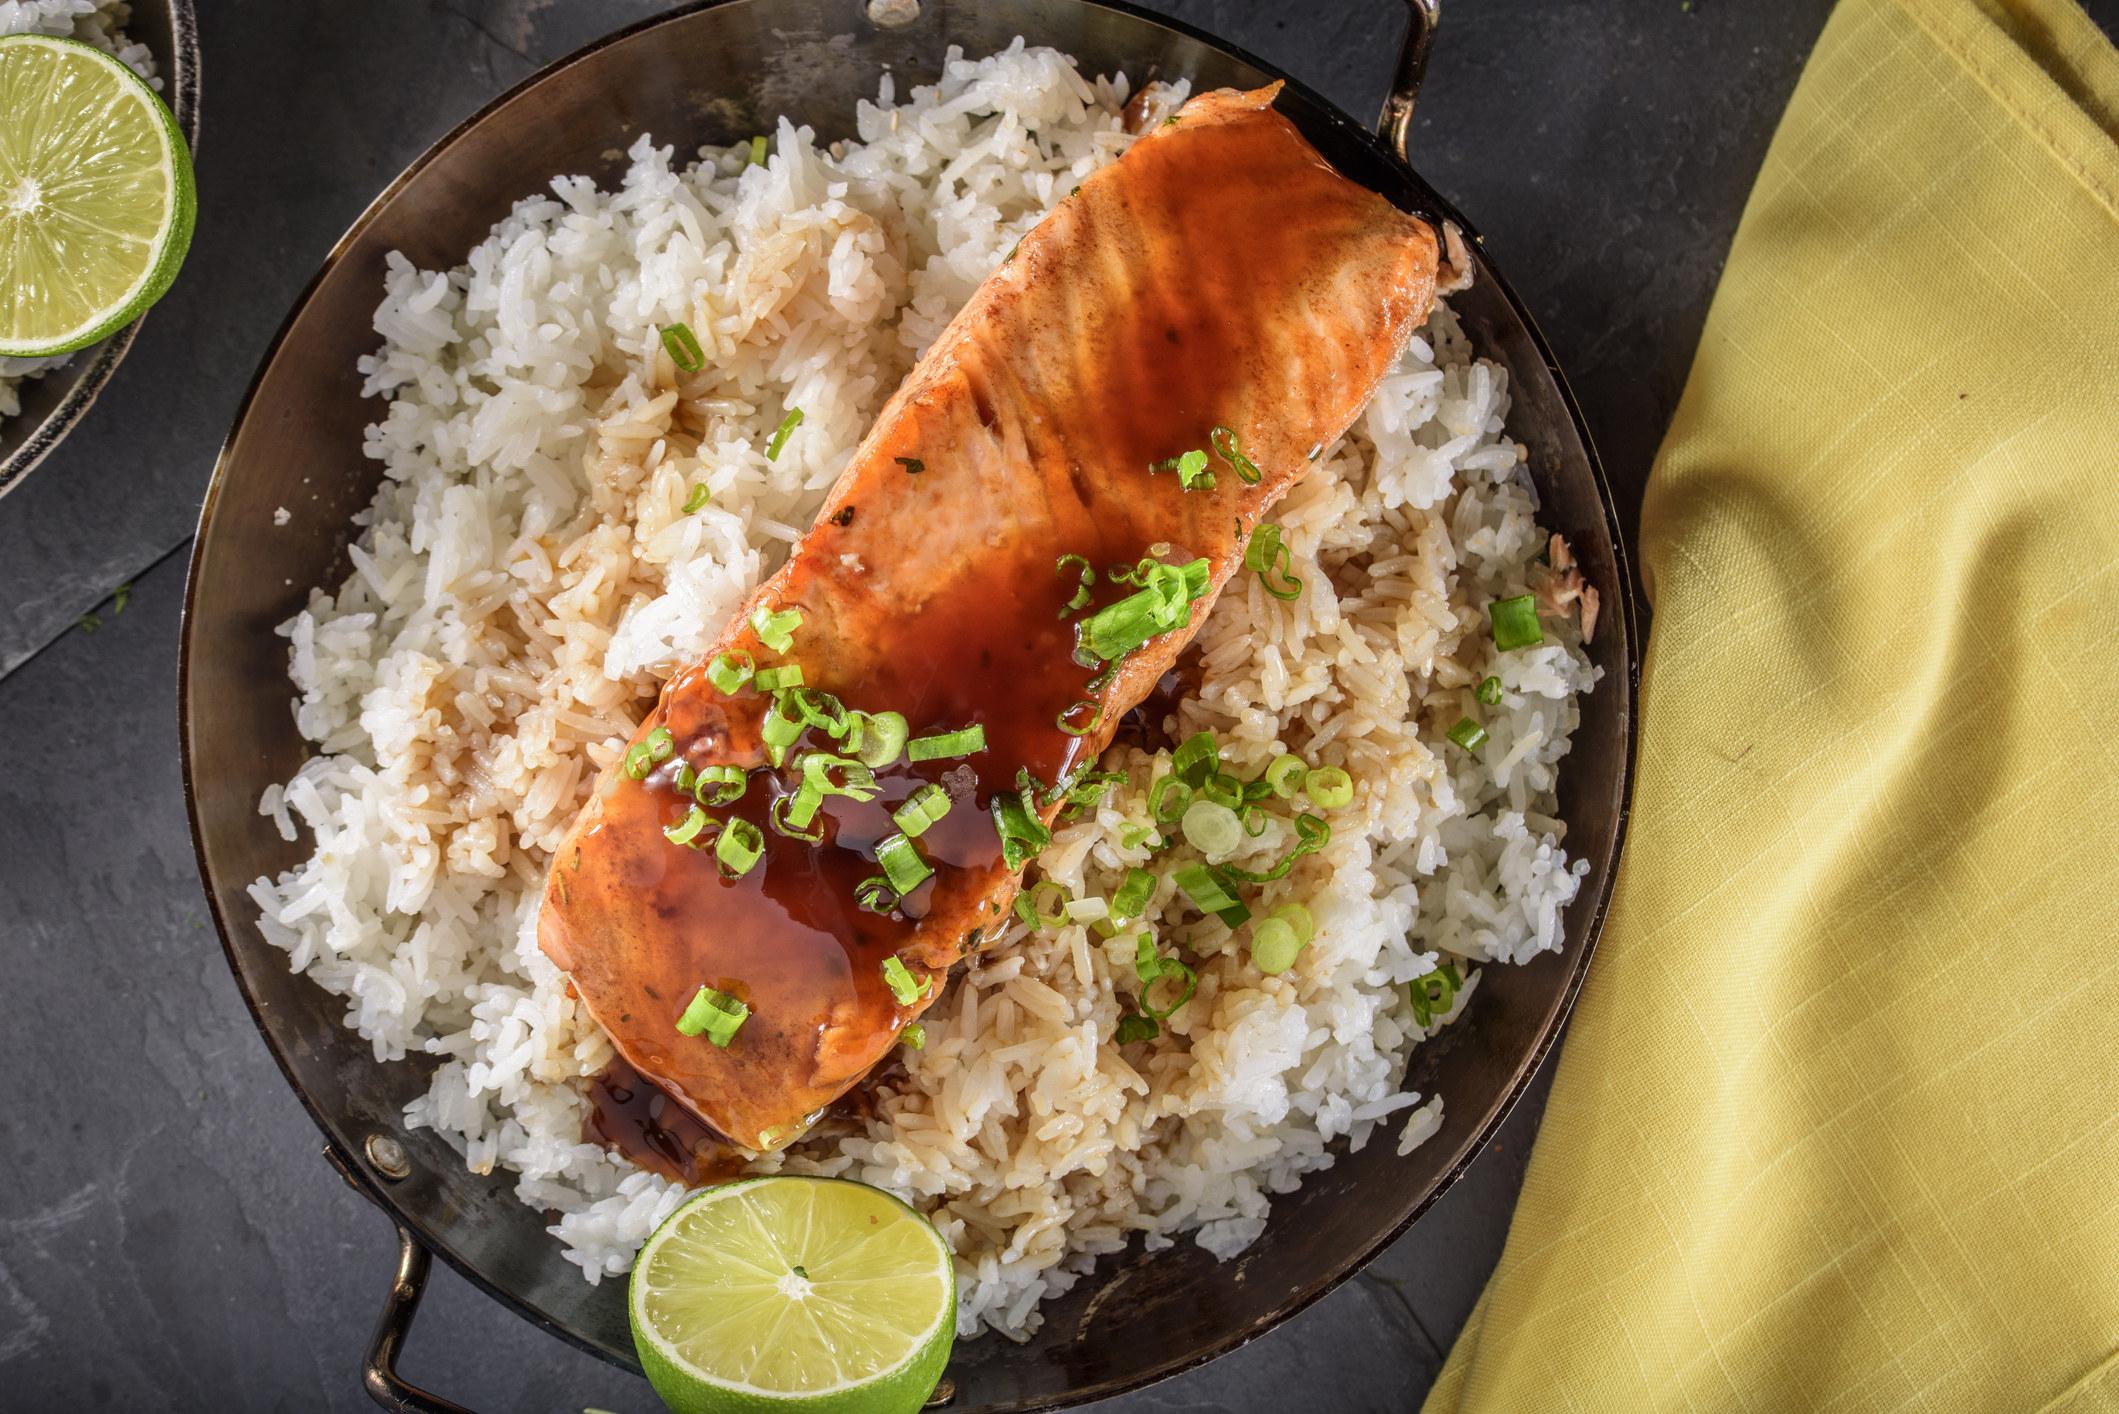 Teriyaki salmon over rice.